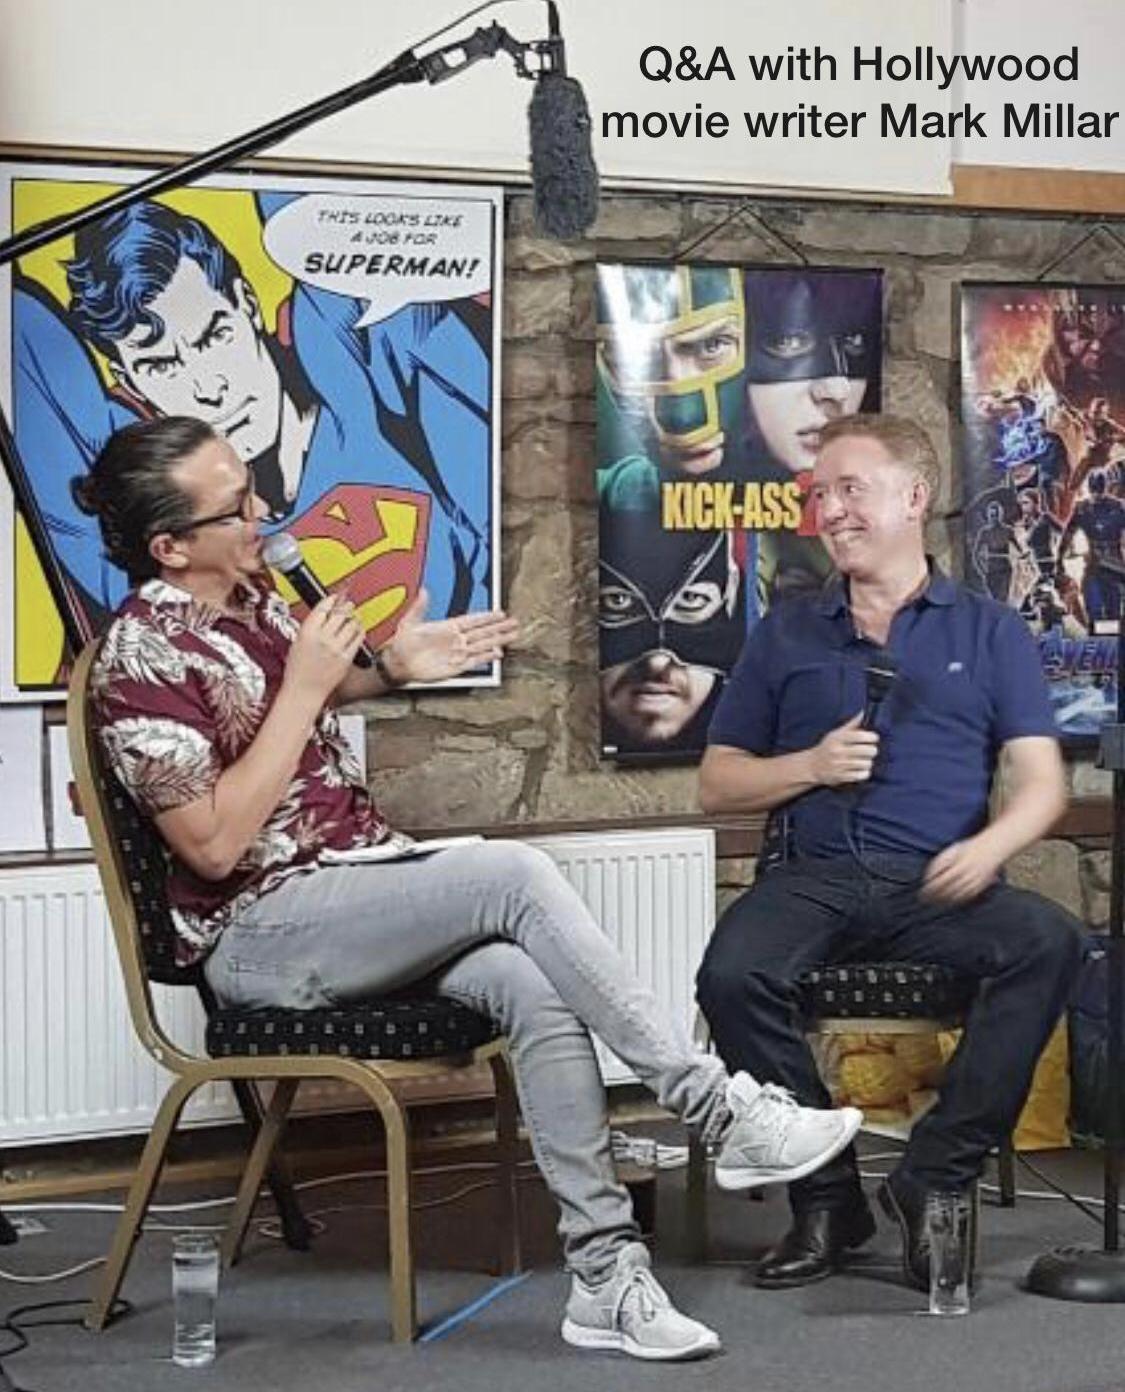 Q&A with Hollywood's Mark Millar